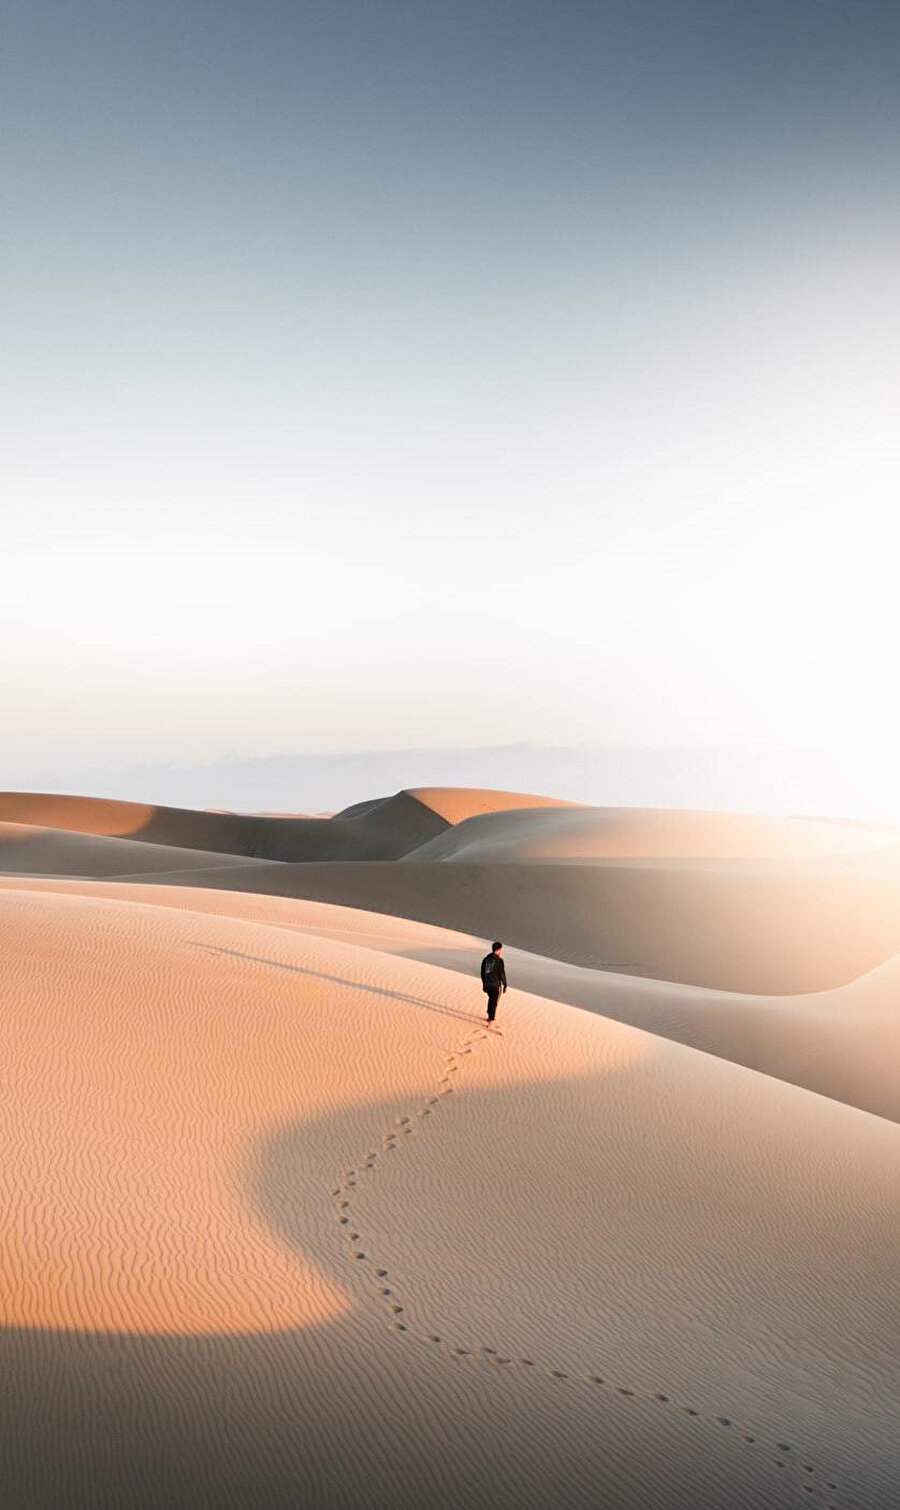 Çöl onun için bir arayış ibresi hükmündedir.